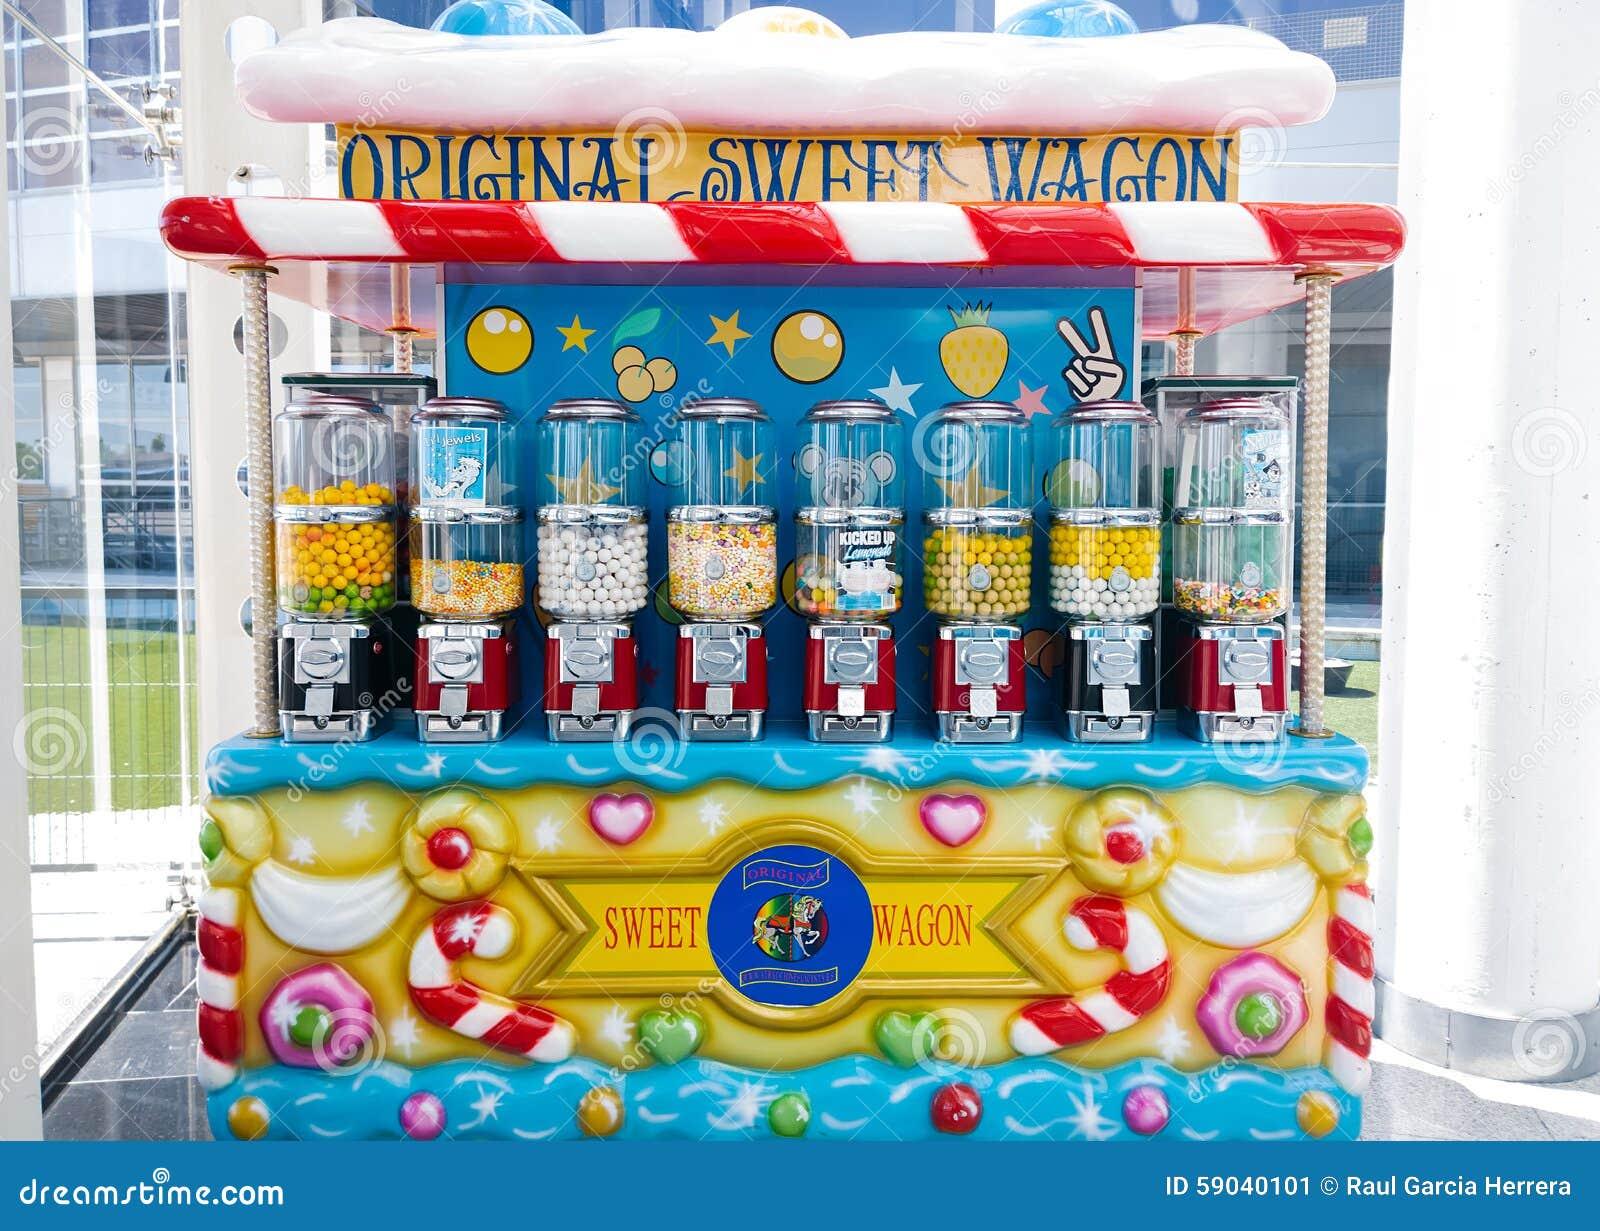 De suikergoedwagen, kleine push-cart stijl behandelde wagen die Suikergoed, chocolade, koekjes, en andere snoepjes verkoopt